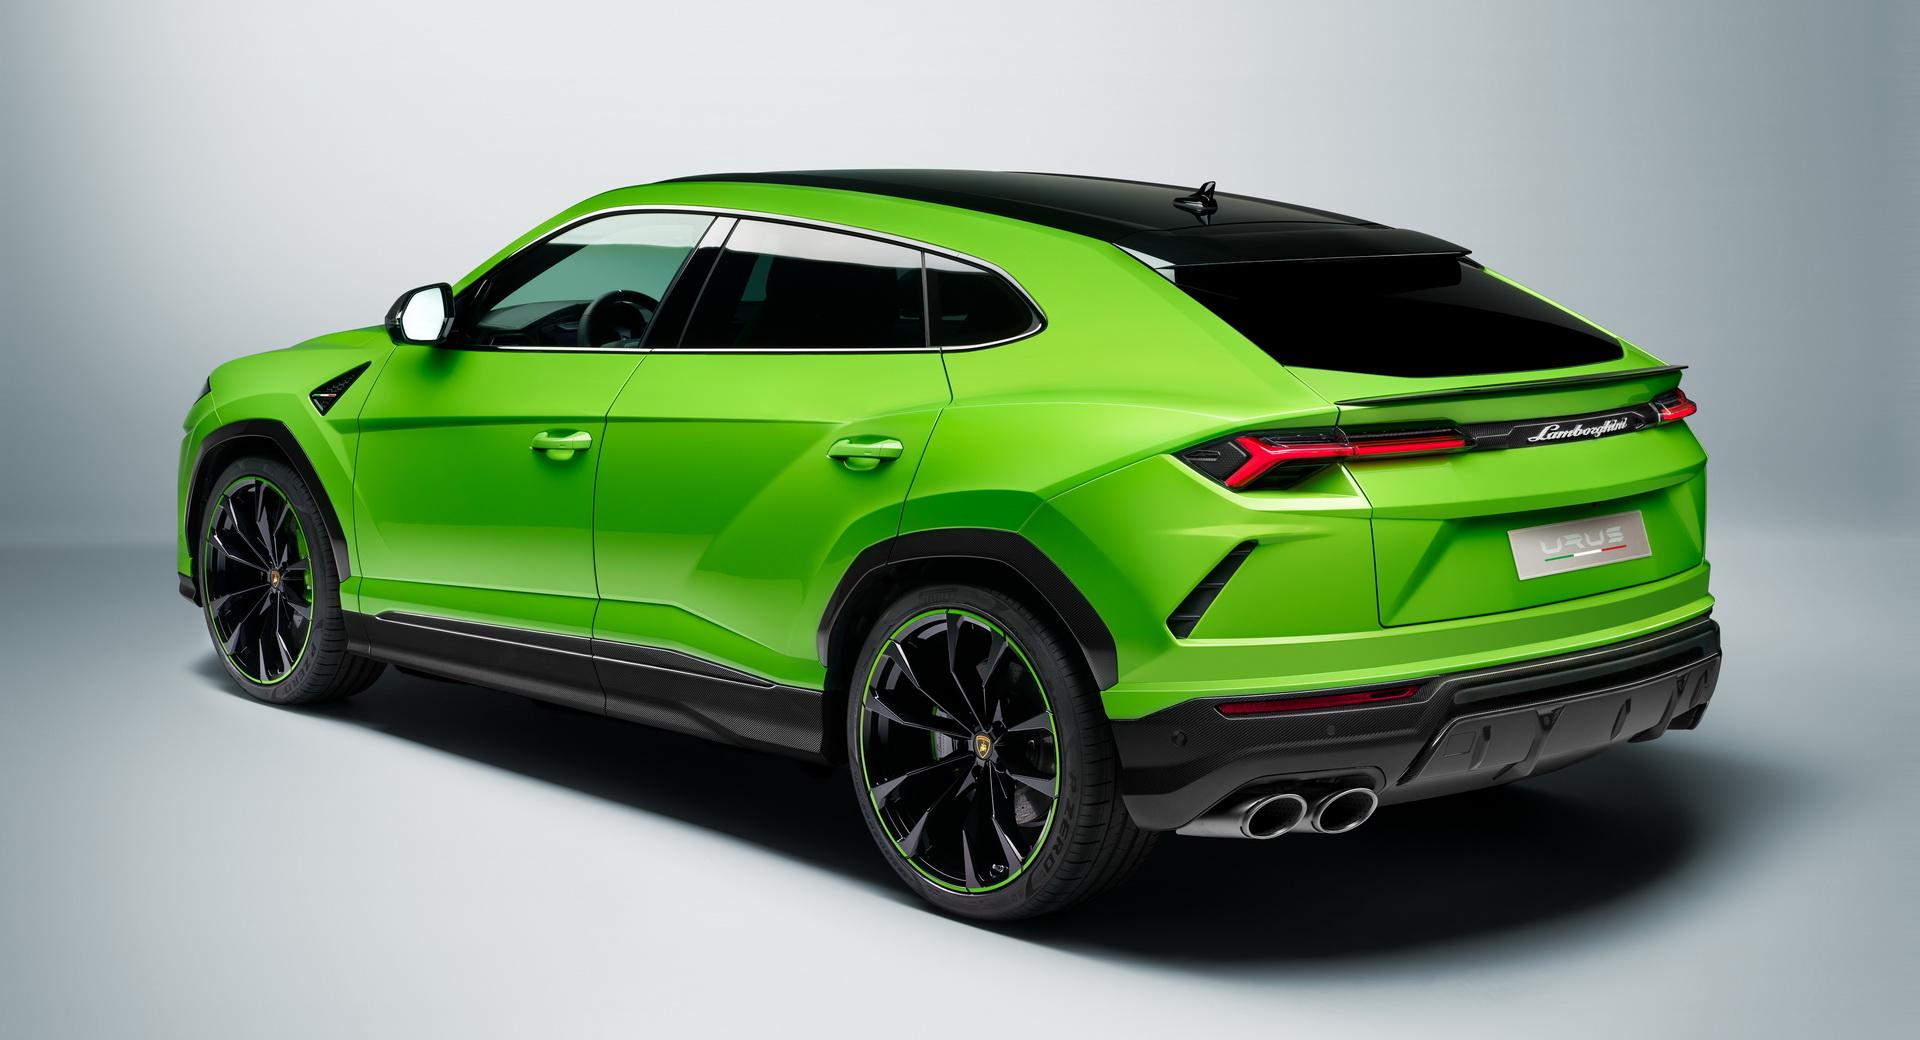 Lamborghini Urus Gains New Pearl Capsule Design Edition Carscoops